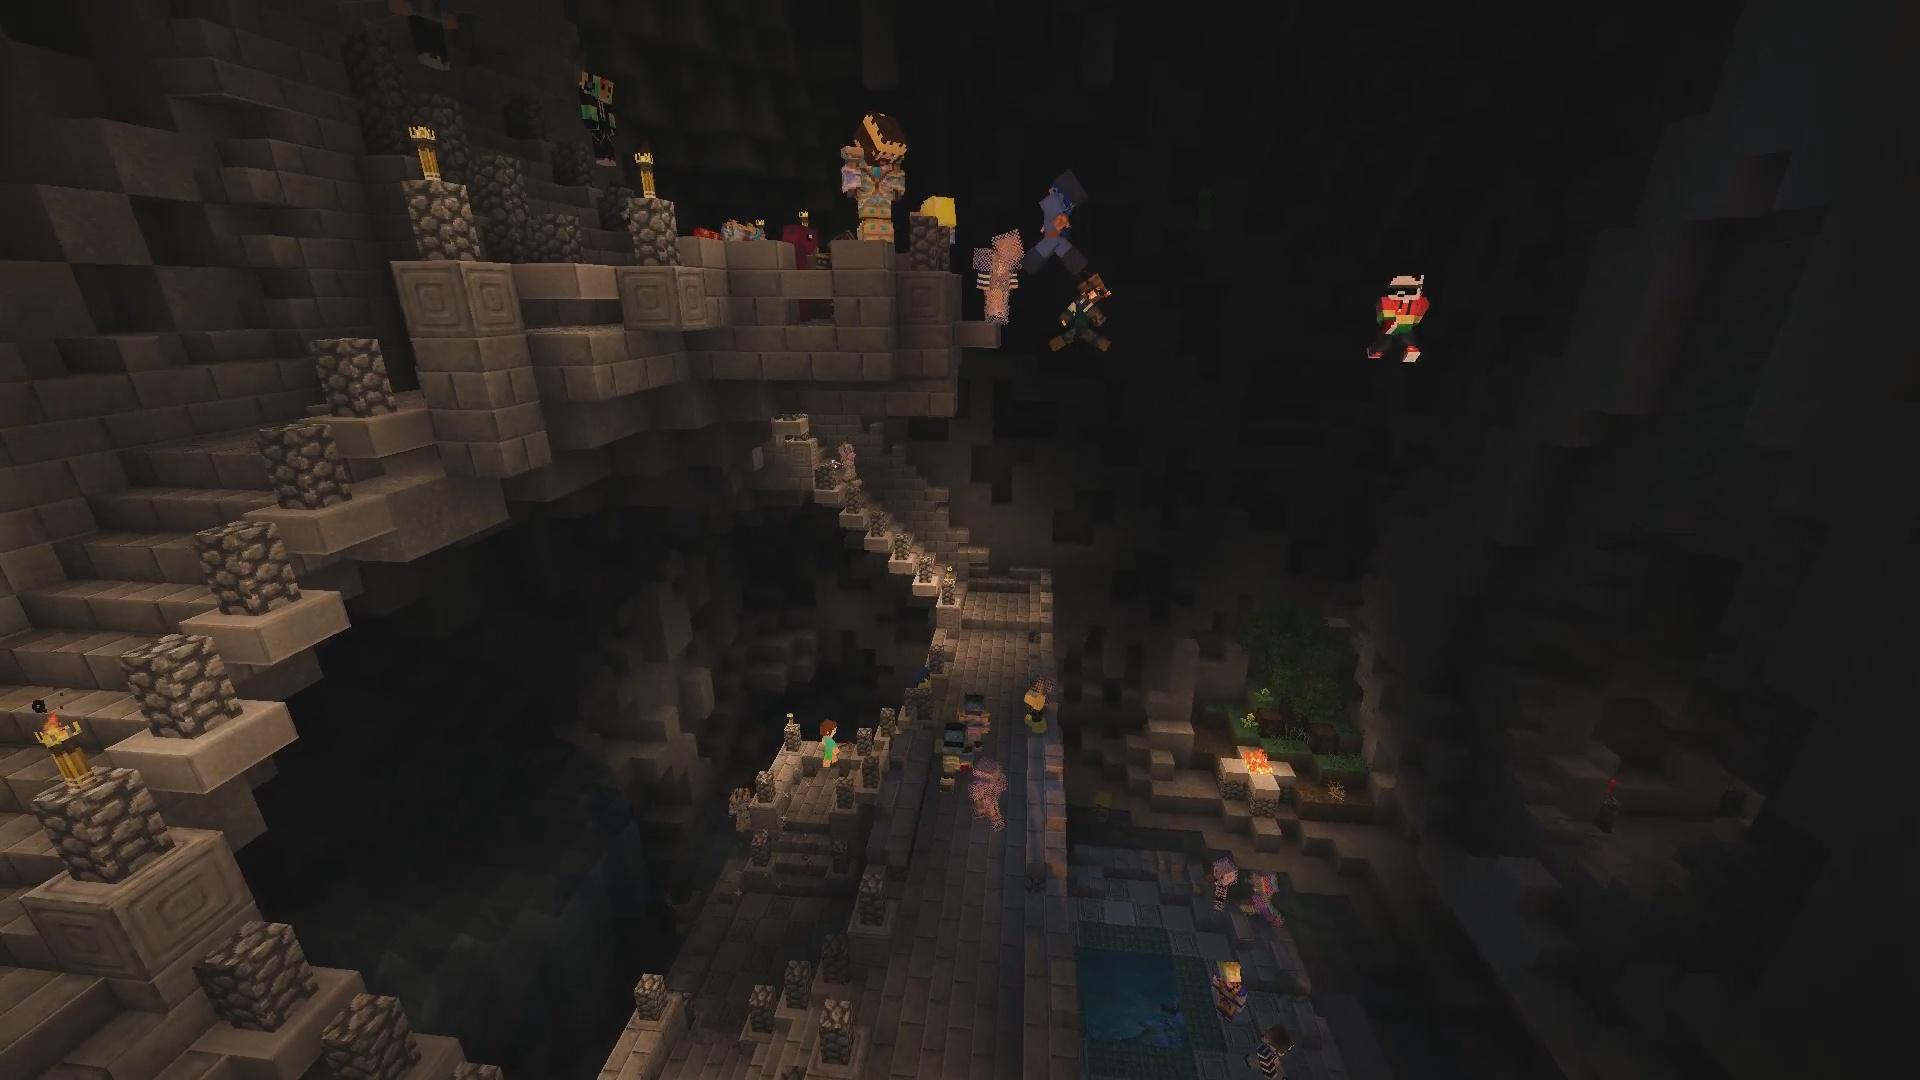 Les hippies font le saut de la foi dans la grotte PaCAssassin !